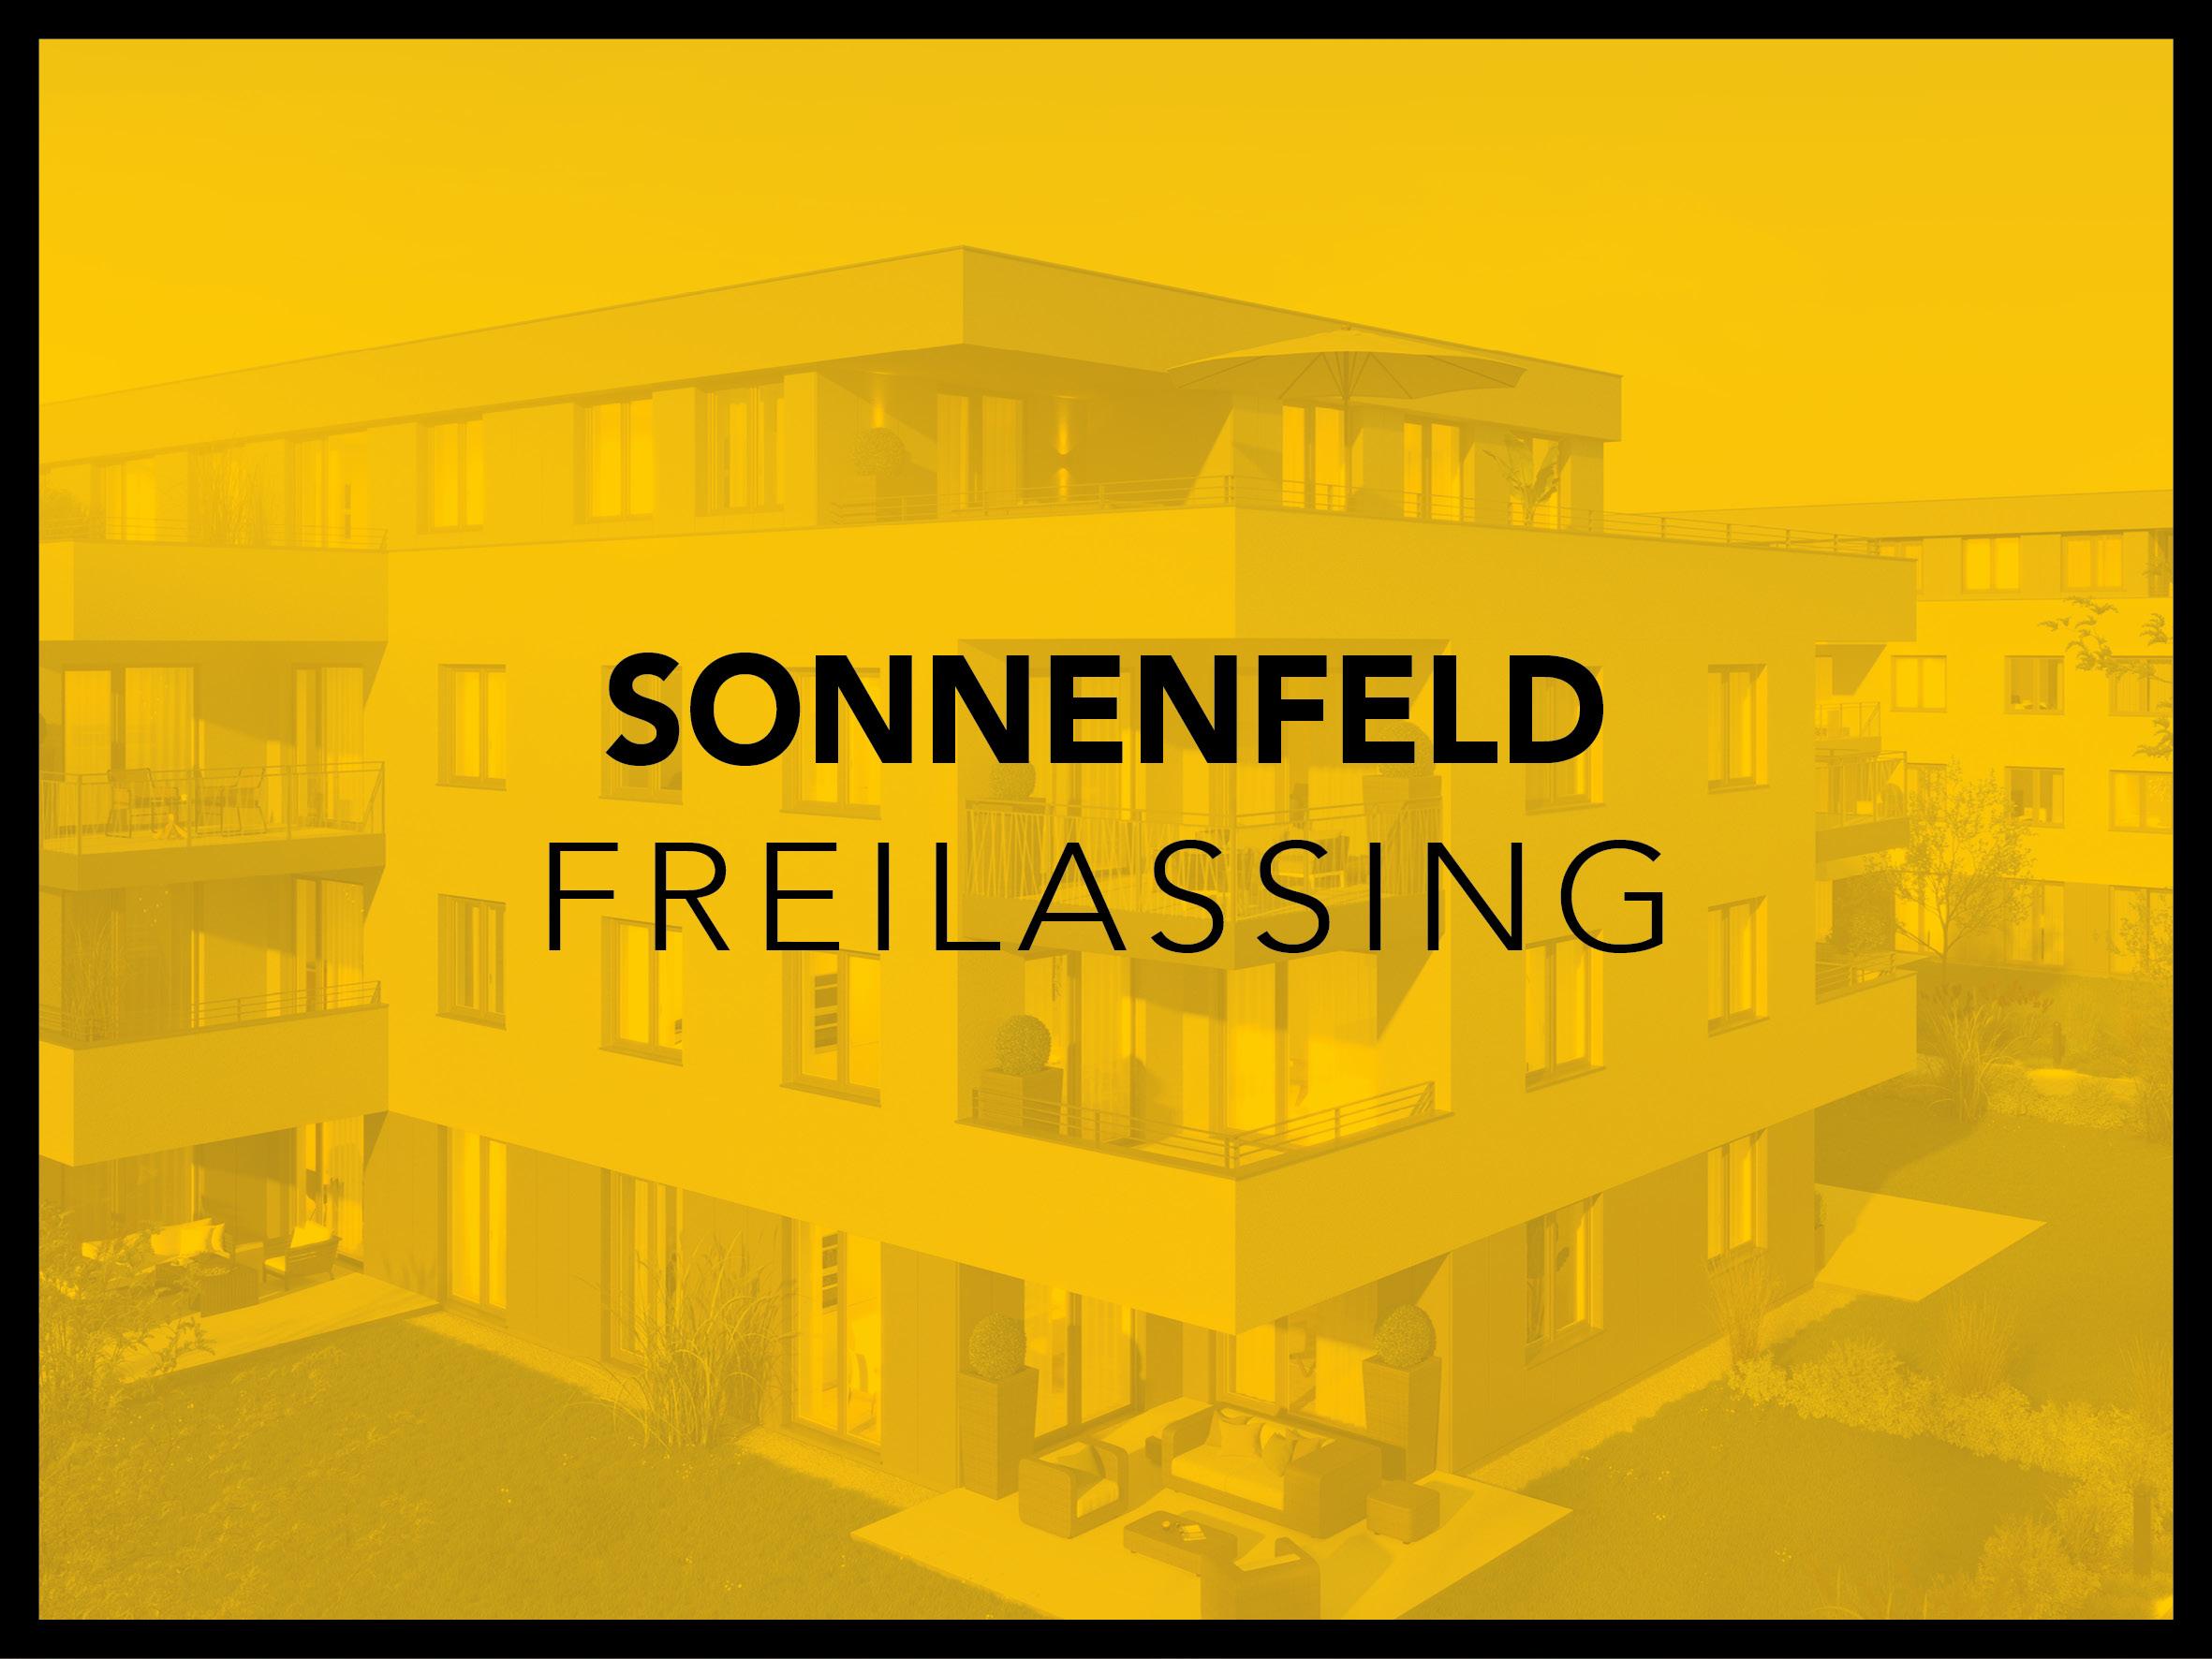 Sonnenfeld Freilassing